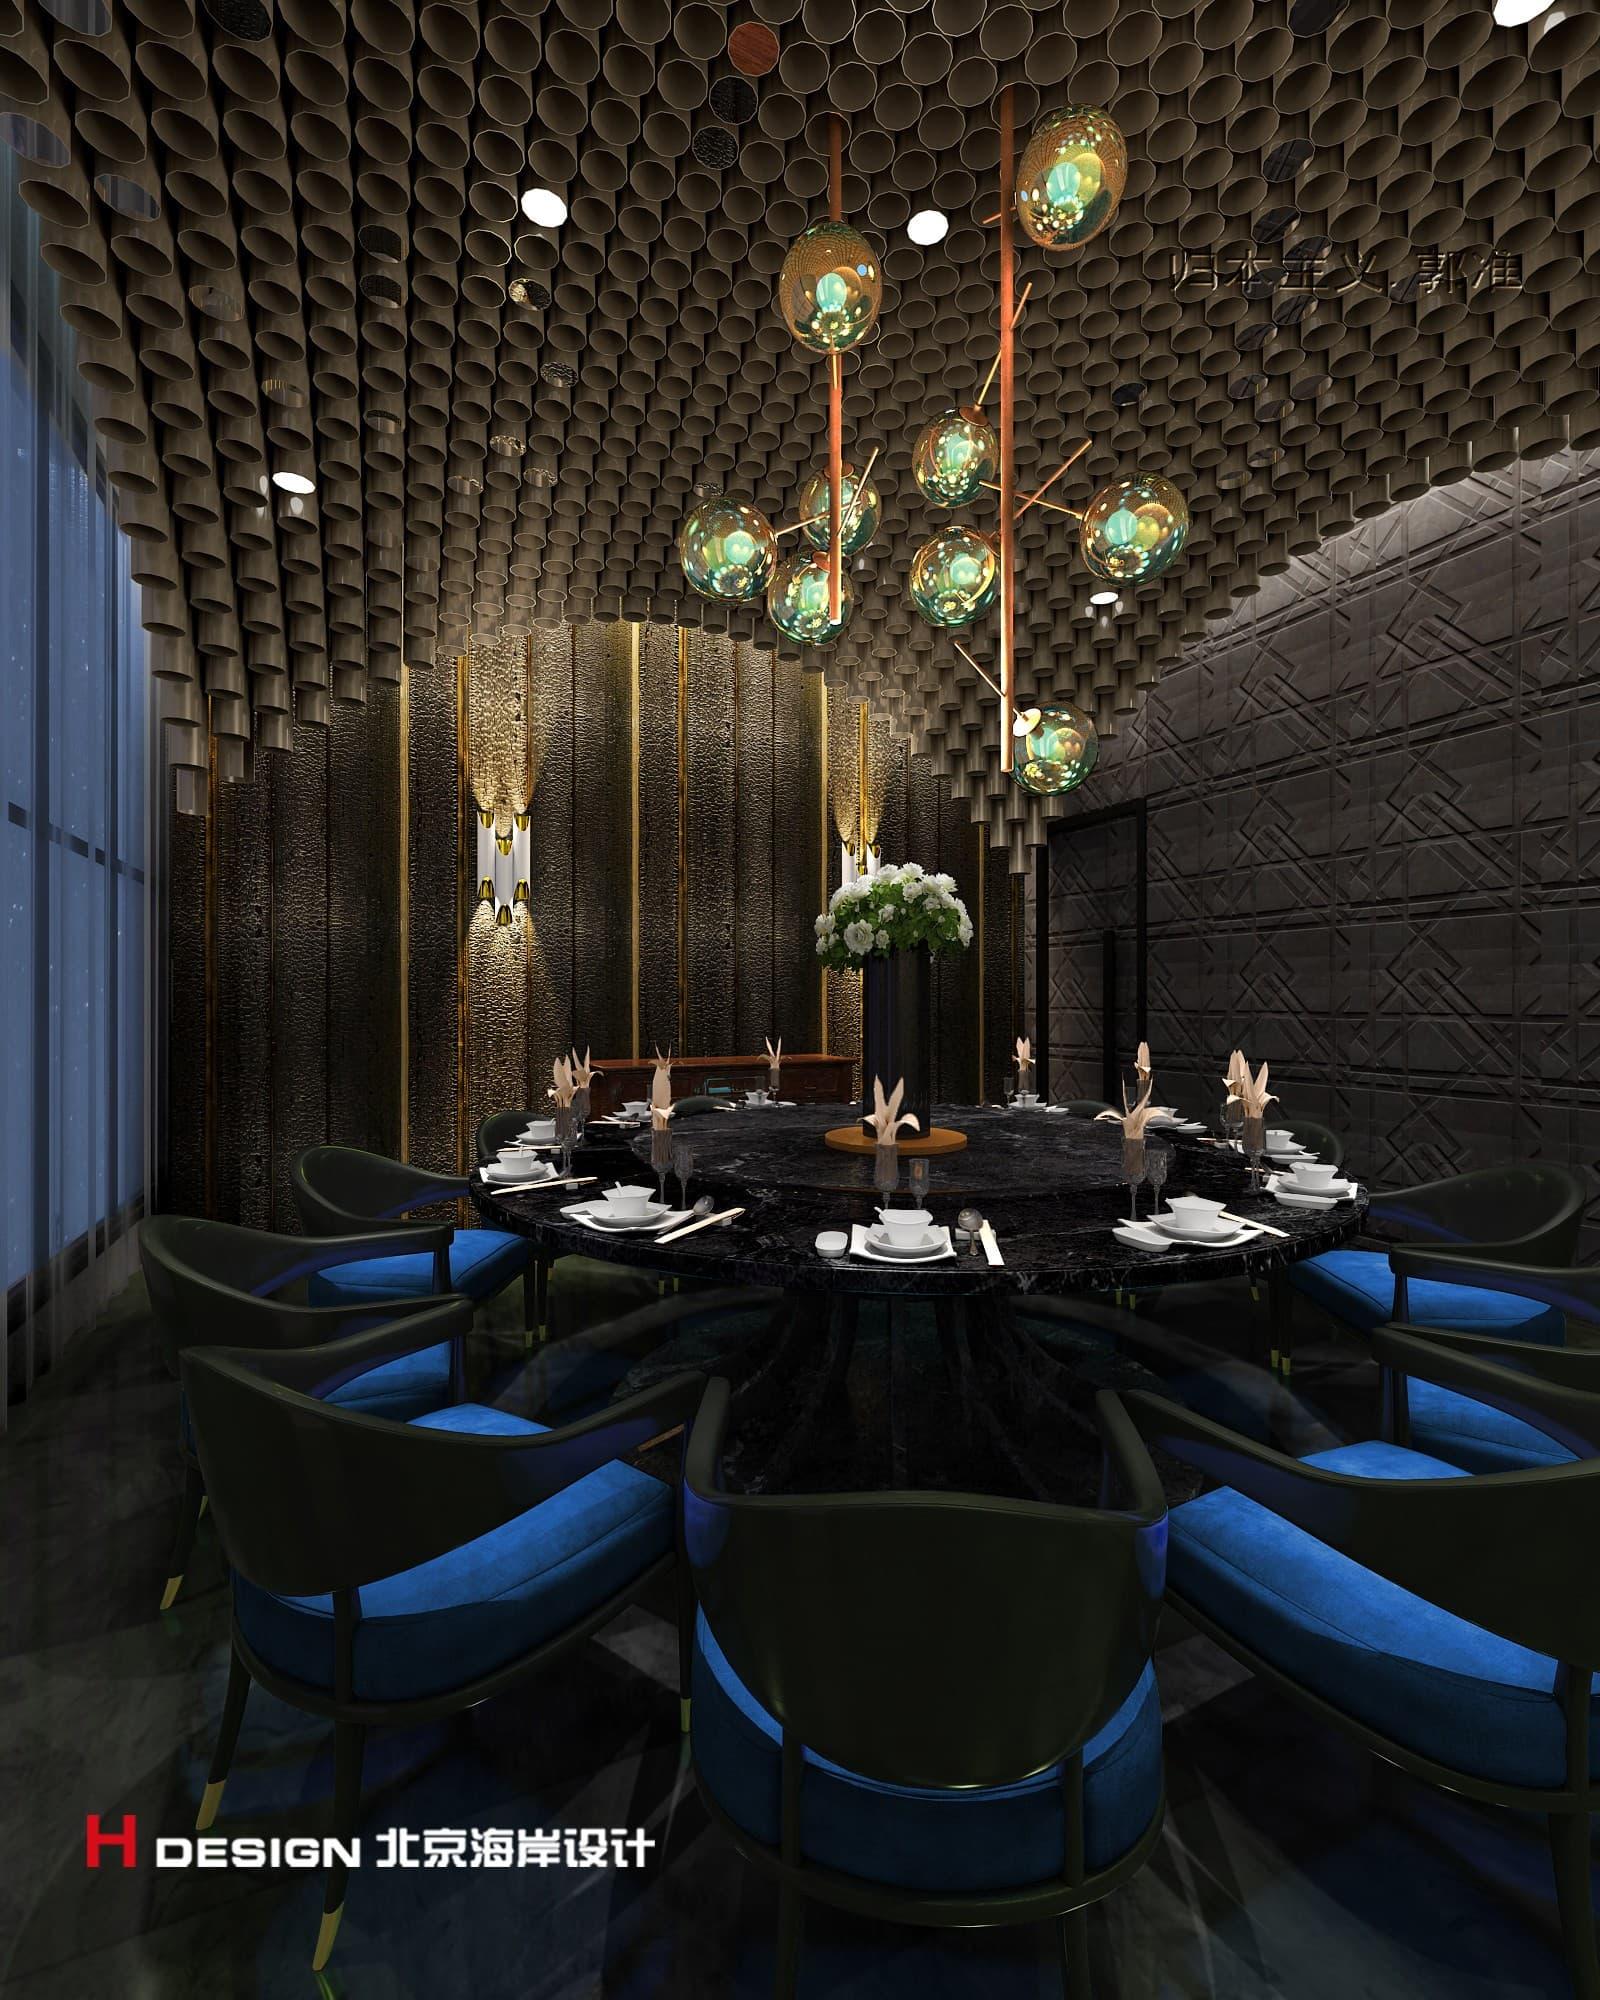 咖啡厅设计|咖啡馆设计|咖啡店设计|咖啡餐饮设计|餐饮设计公司|建筑